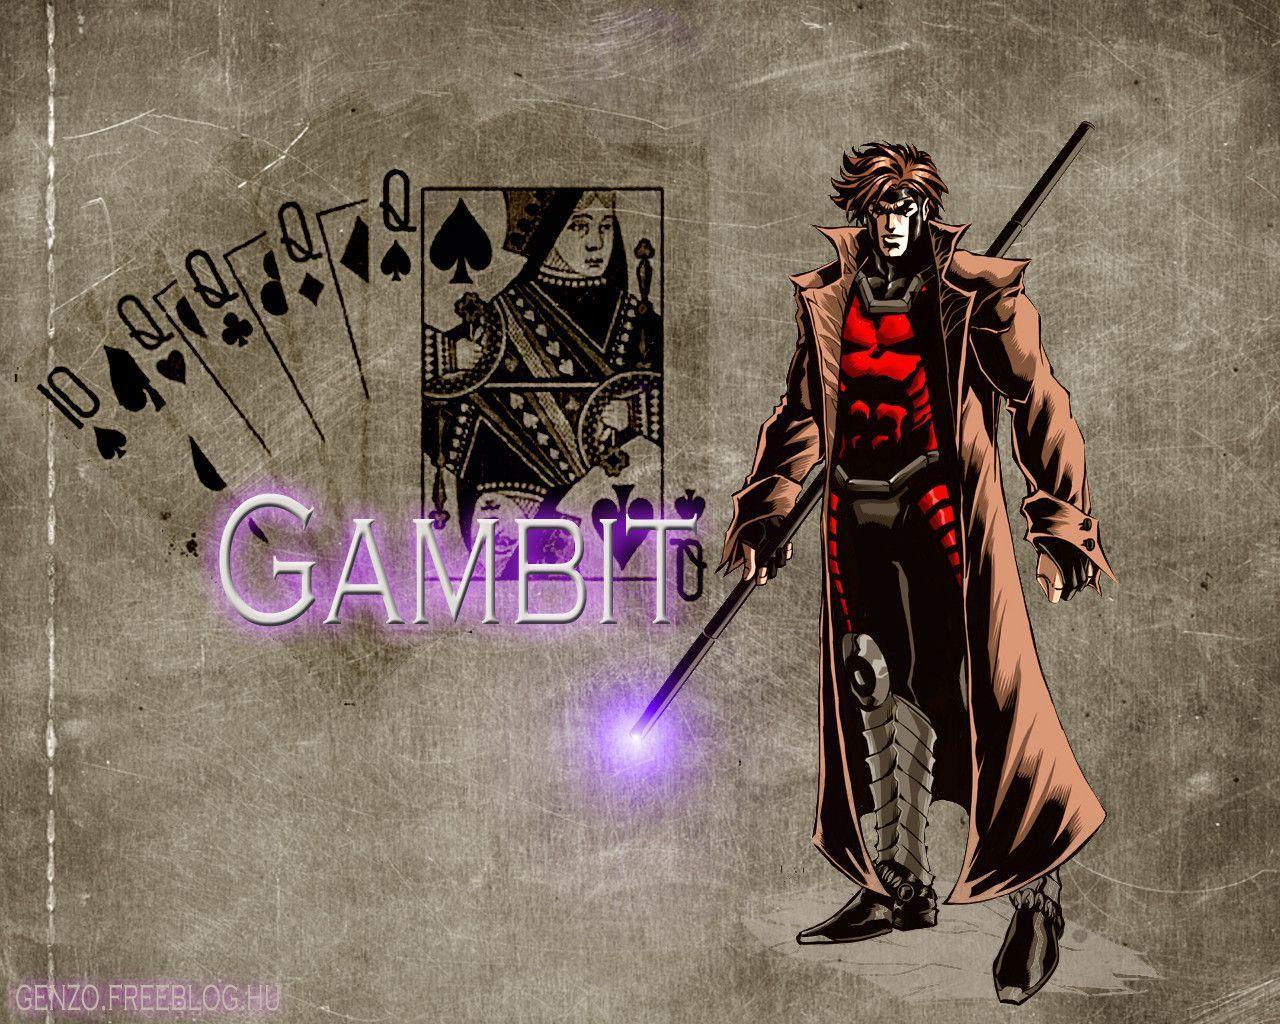 Imagenes De Xmen: Gambit Wallpapers